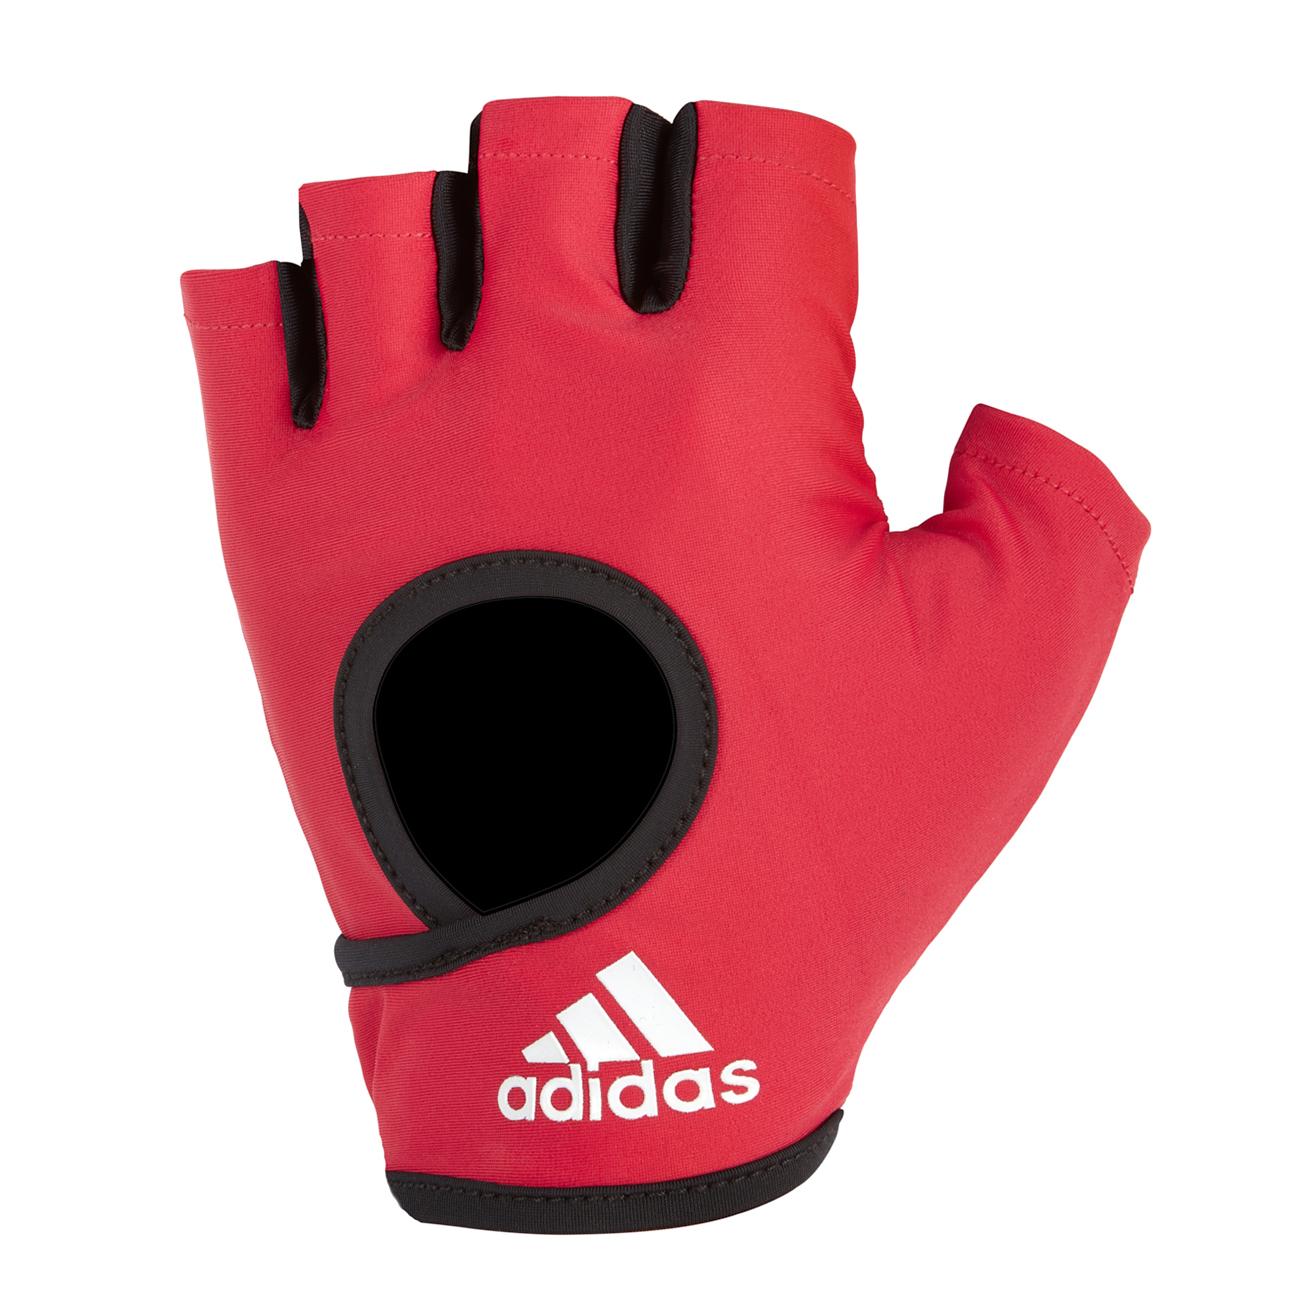 Перчатки для фитнеса Adidas ADGB-12613, розовый перчатки adidas для фитнеса белые размер m adgb 12322 wh